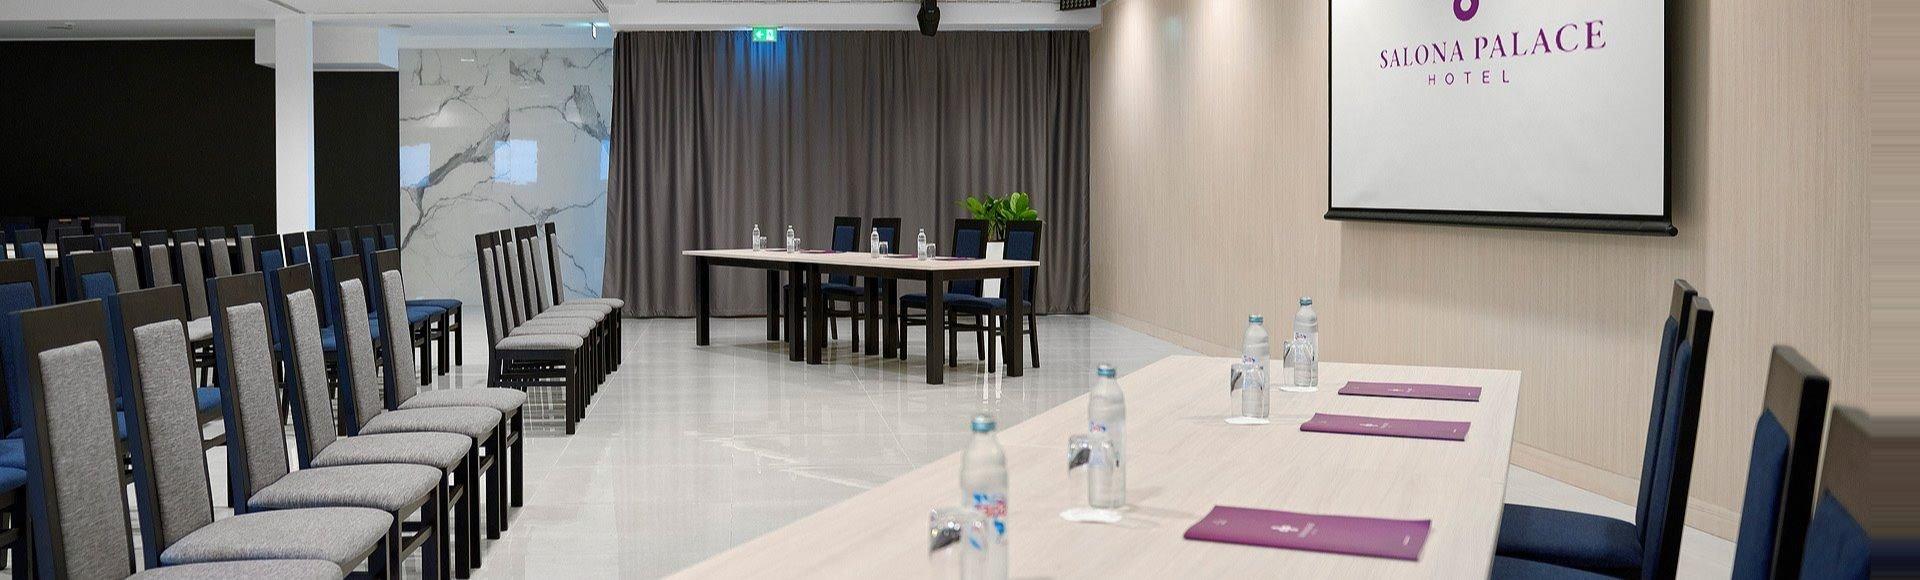 Salona Palace dvorana za kongrese i sastanke